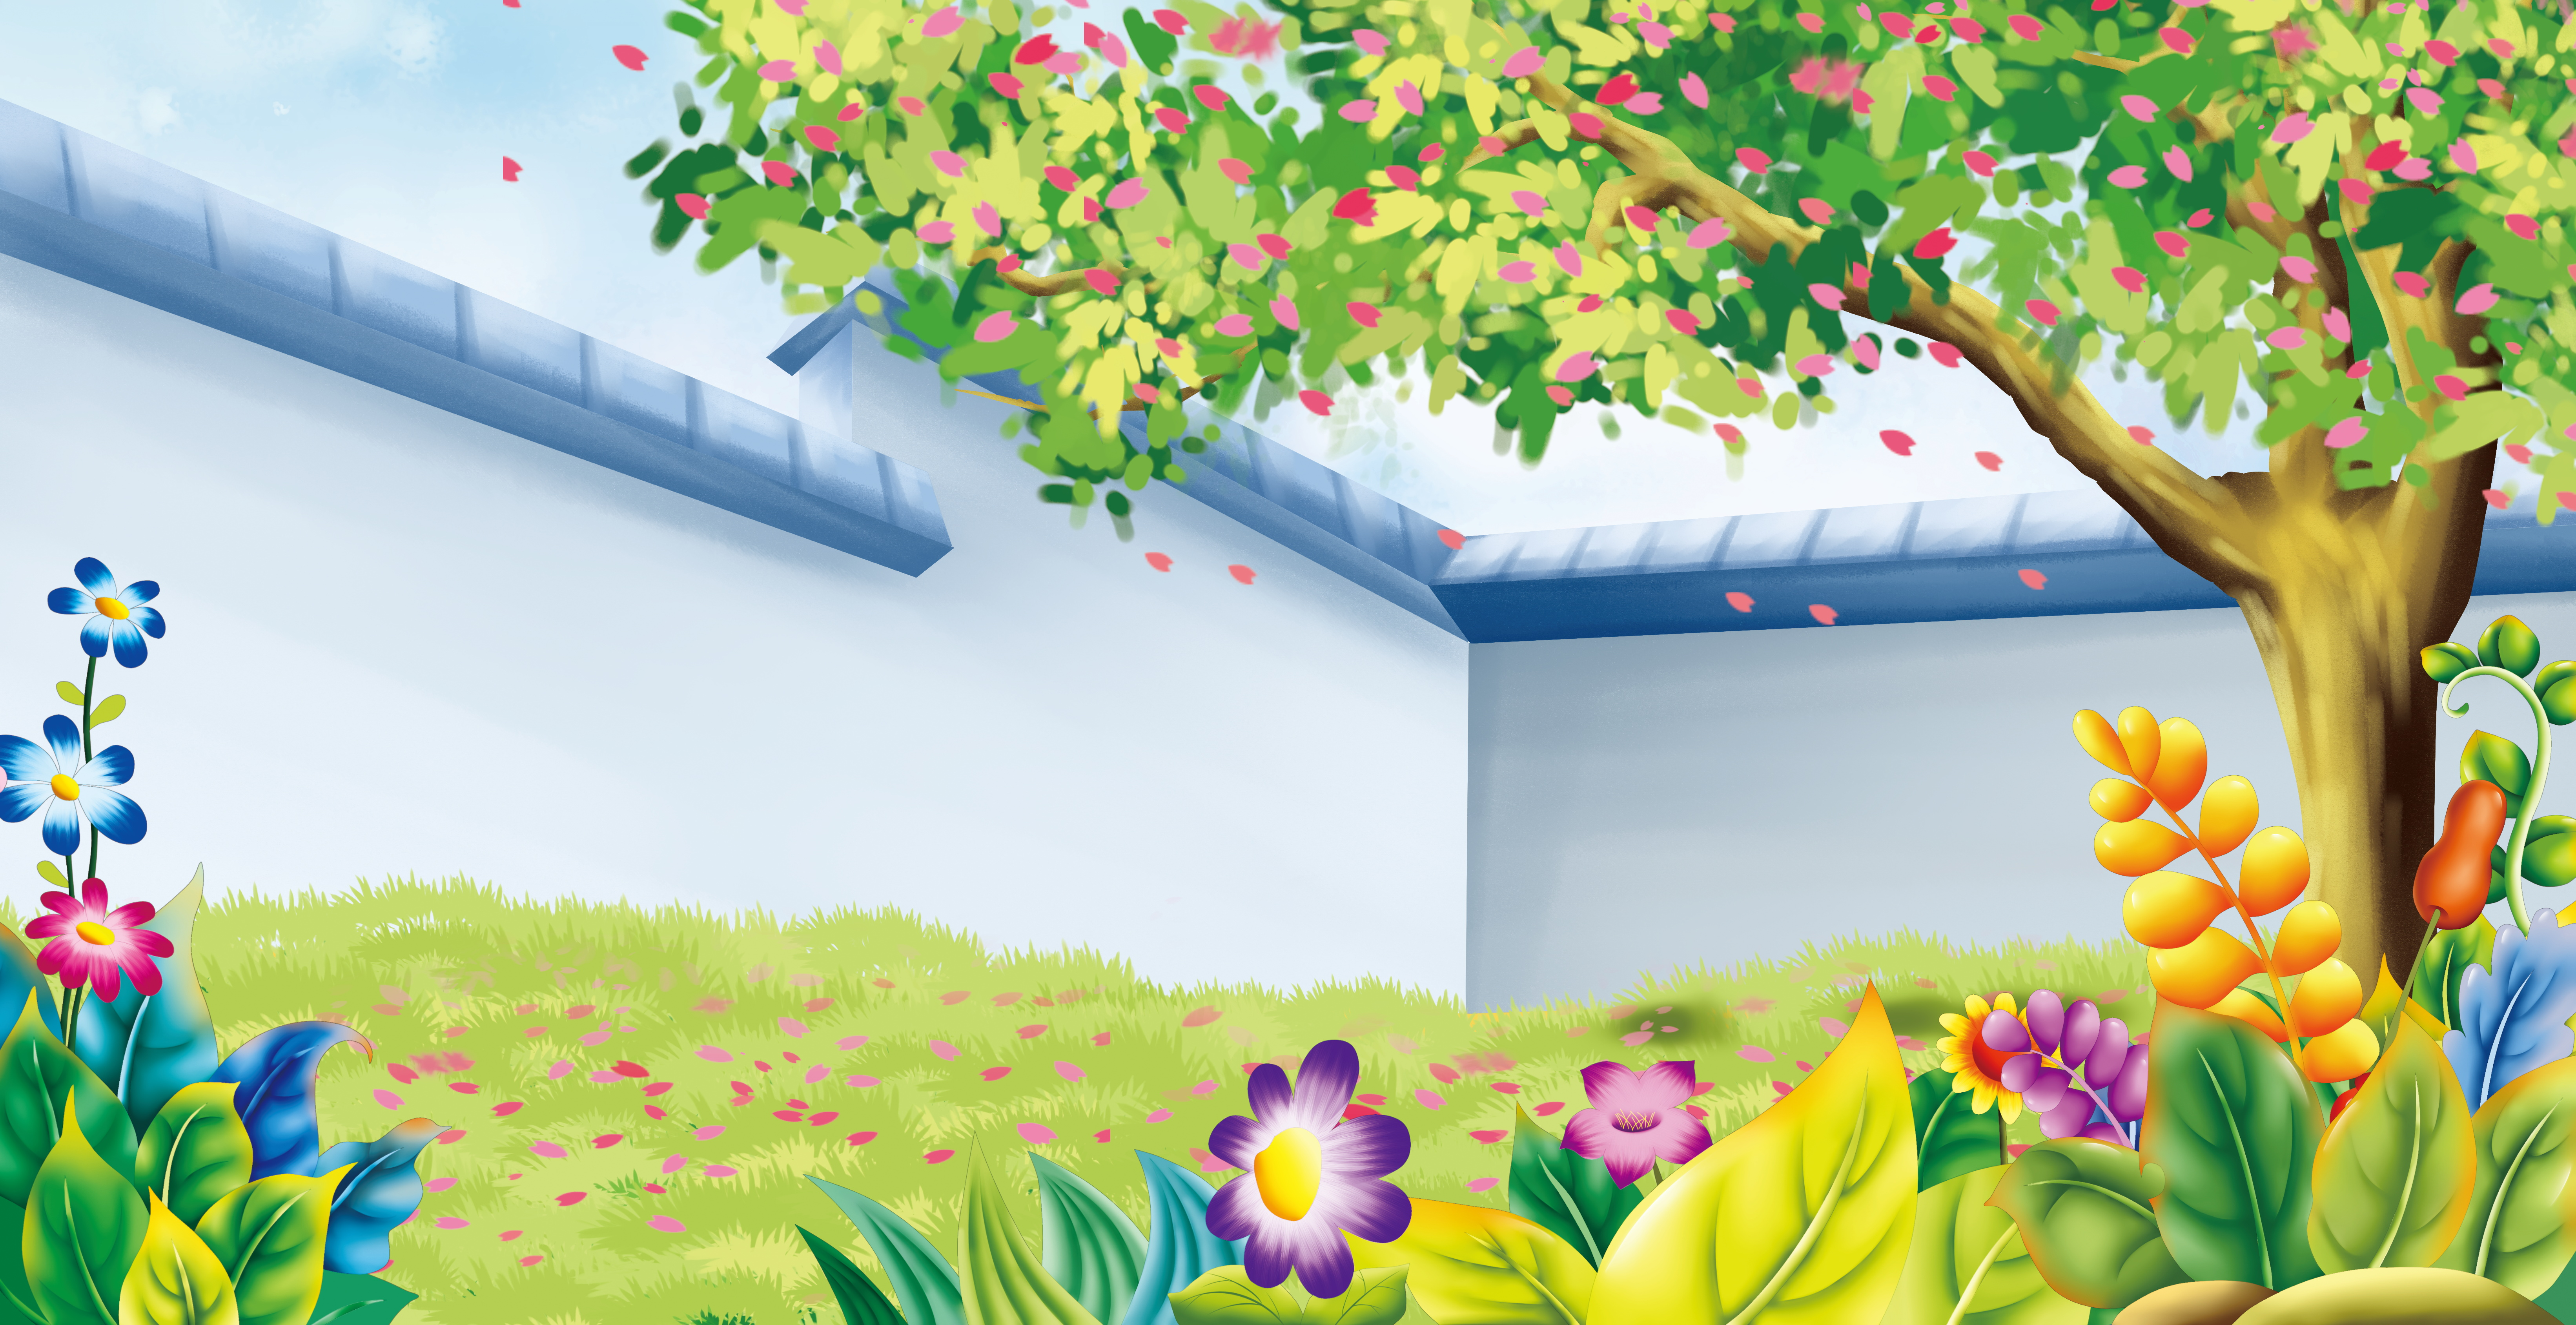 картинка фон в саду и огороде последнее время интернет-пользователи